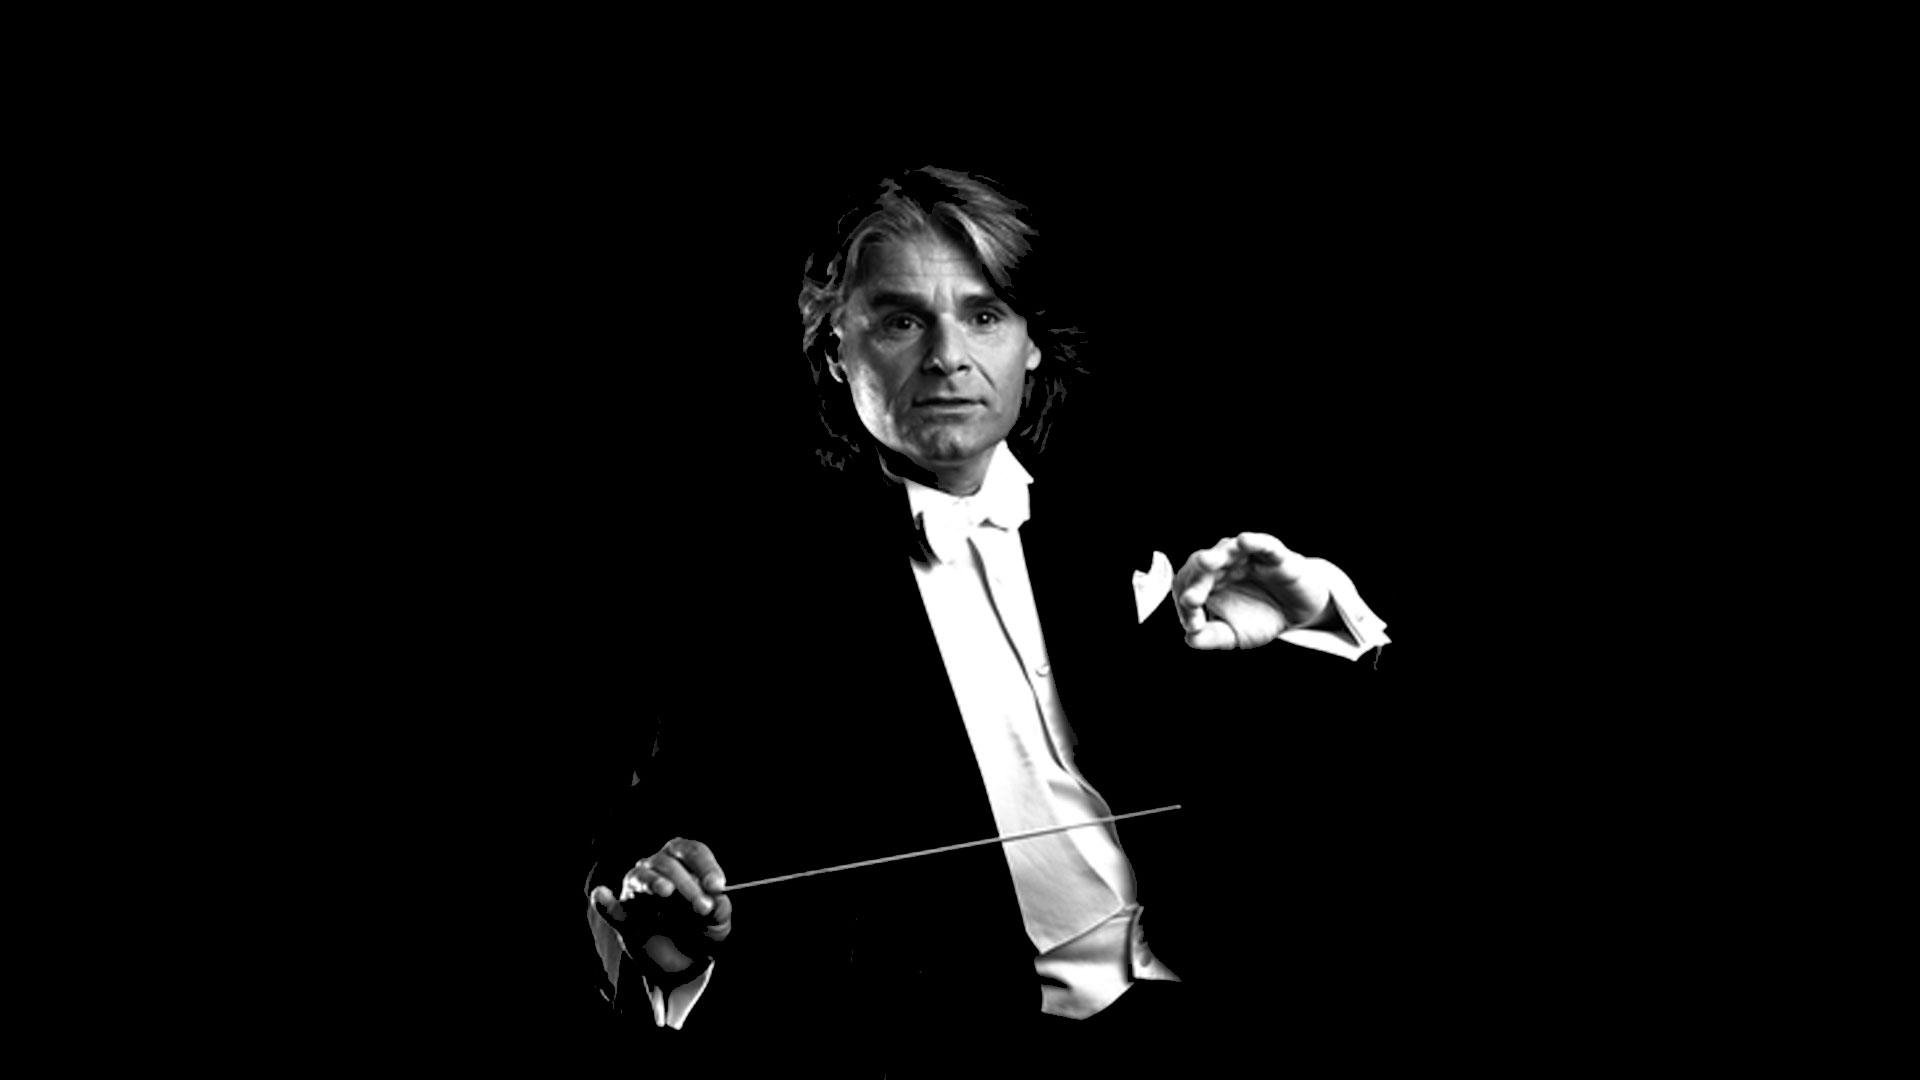 El director de orquesta rumano Ion Marin sustituye, por enfermedad, a Nikolaj Znaider en un monográfico dedicado a Chaikovski